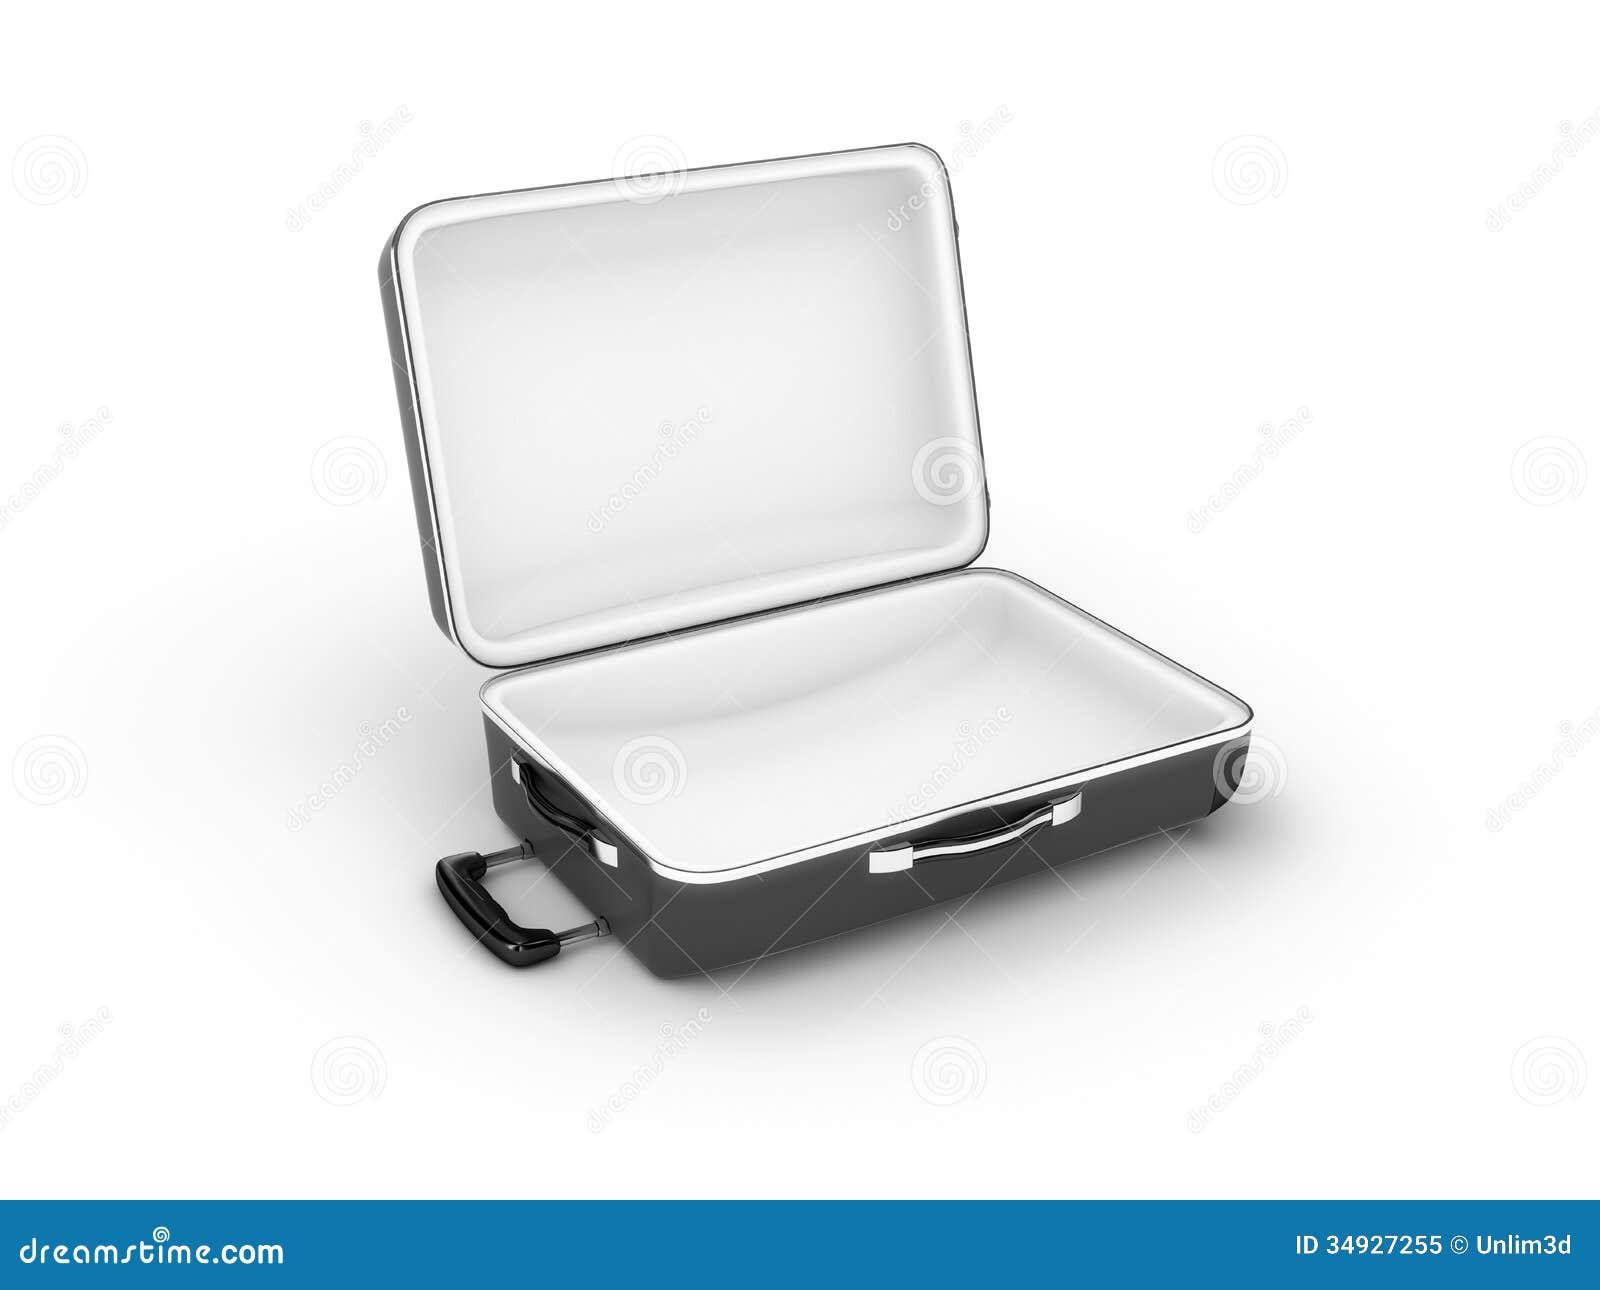 Opened suitcase on white background